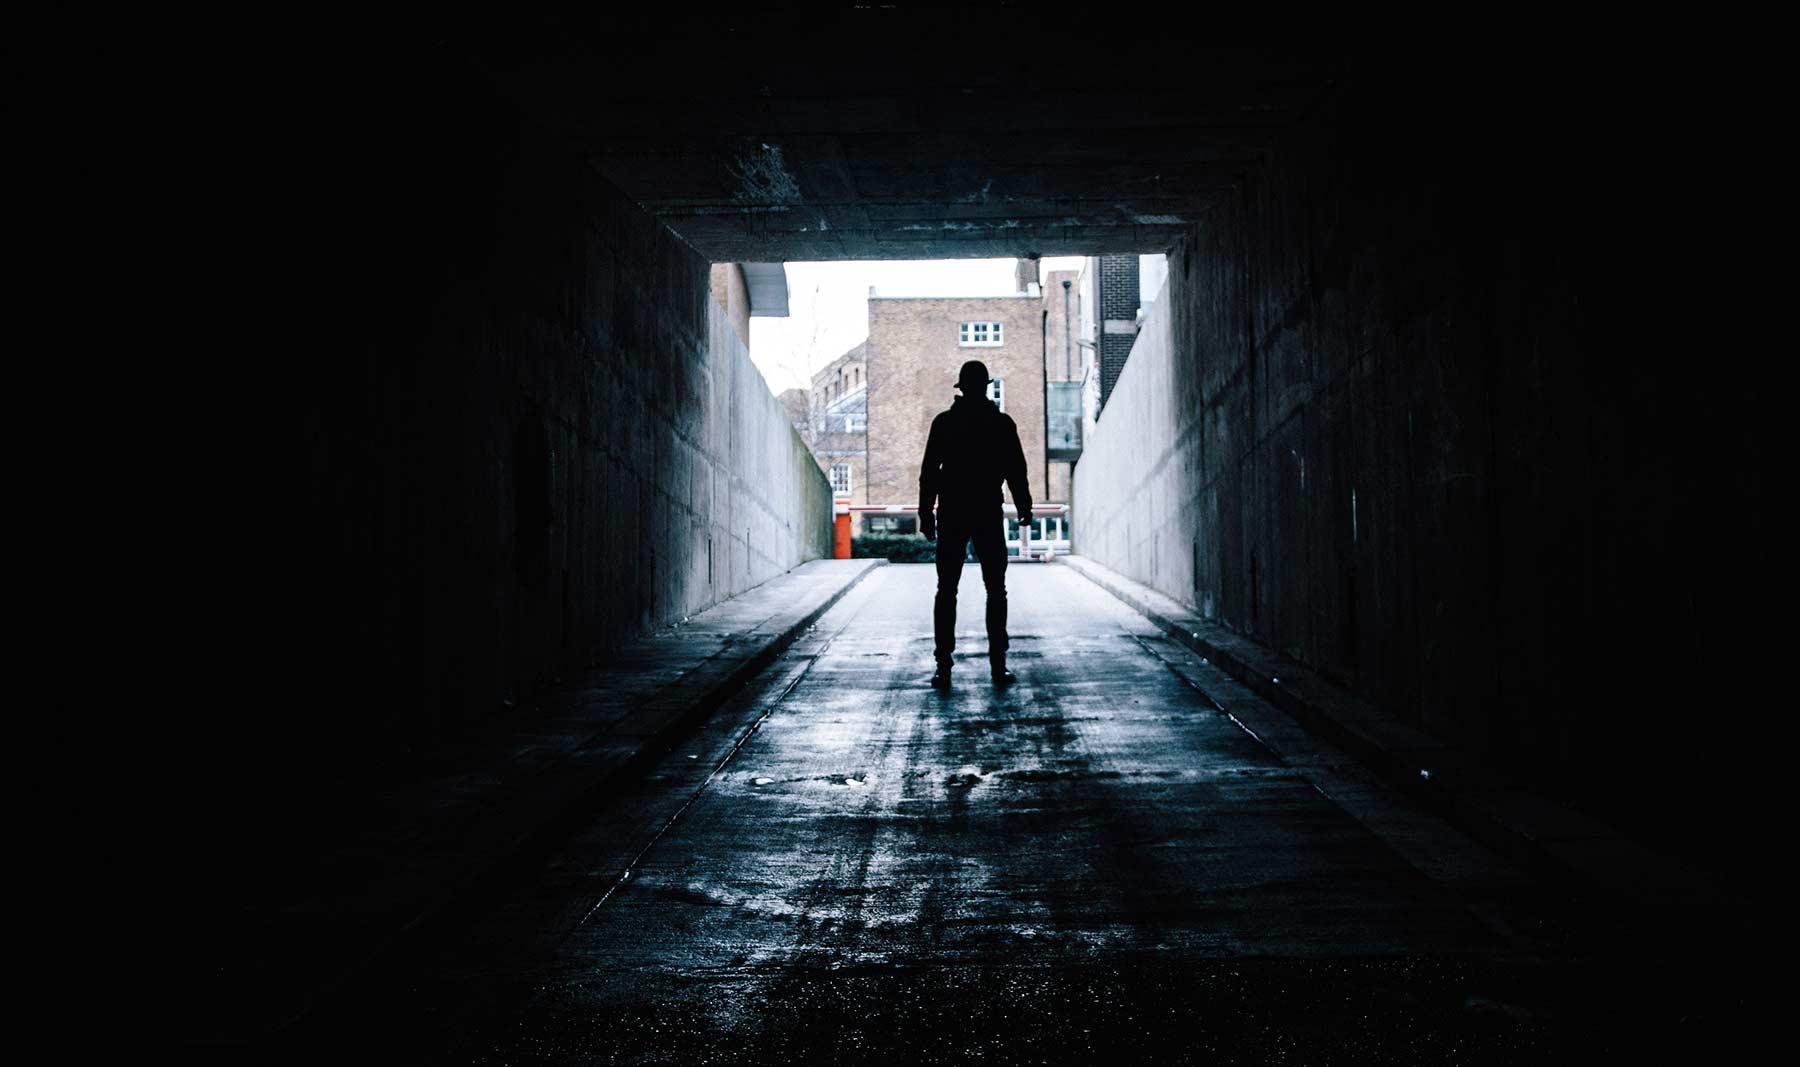 Die Flucht vor zu Erledigendem nährt nur dessen Schreckenskraft Die-Angst-vor-dem-ToDo